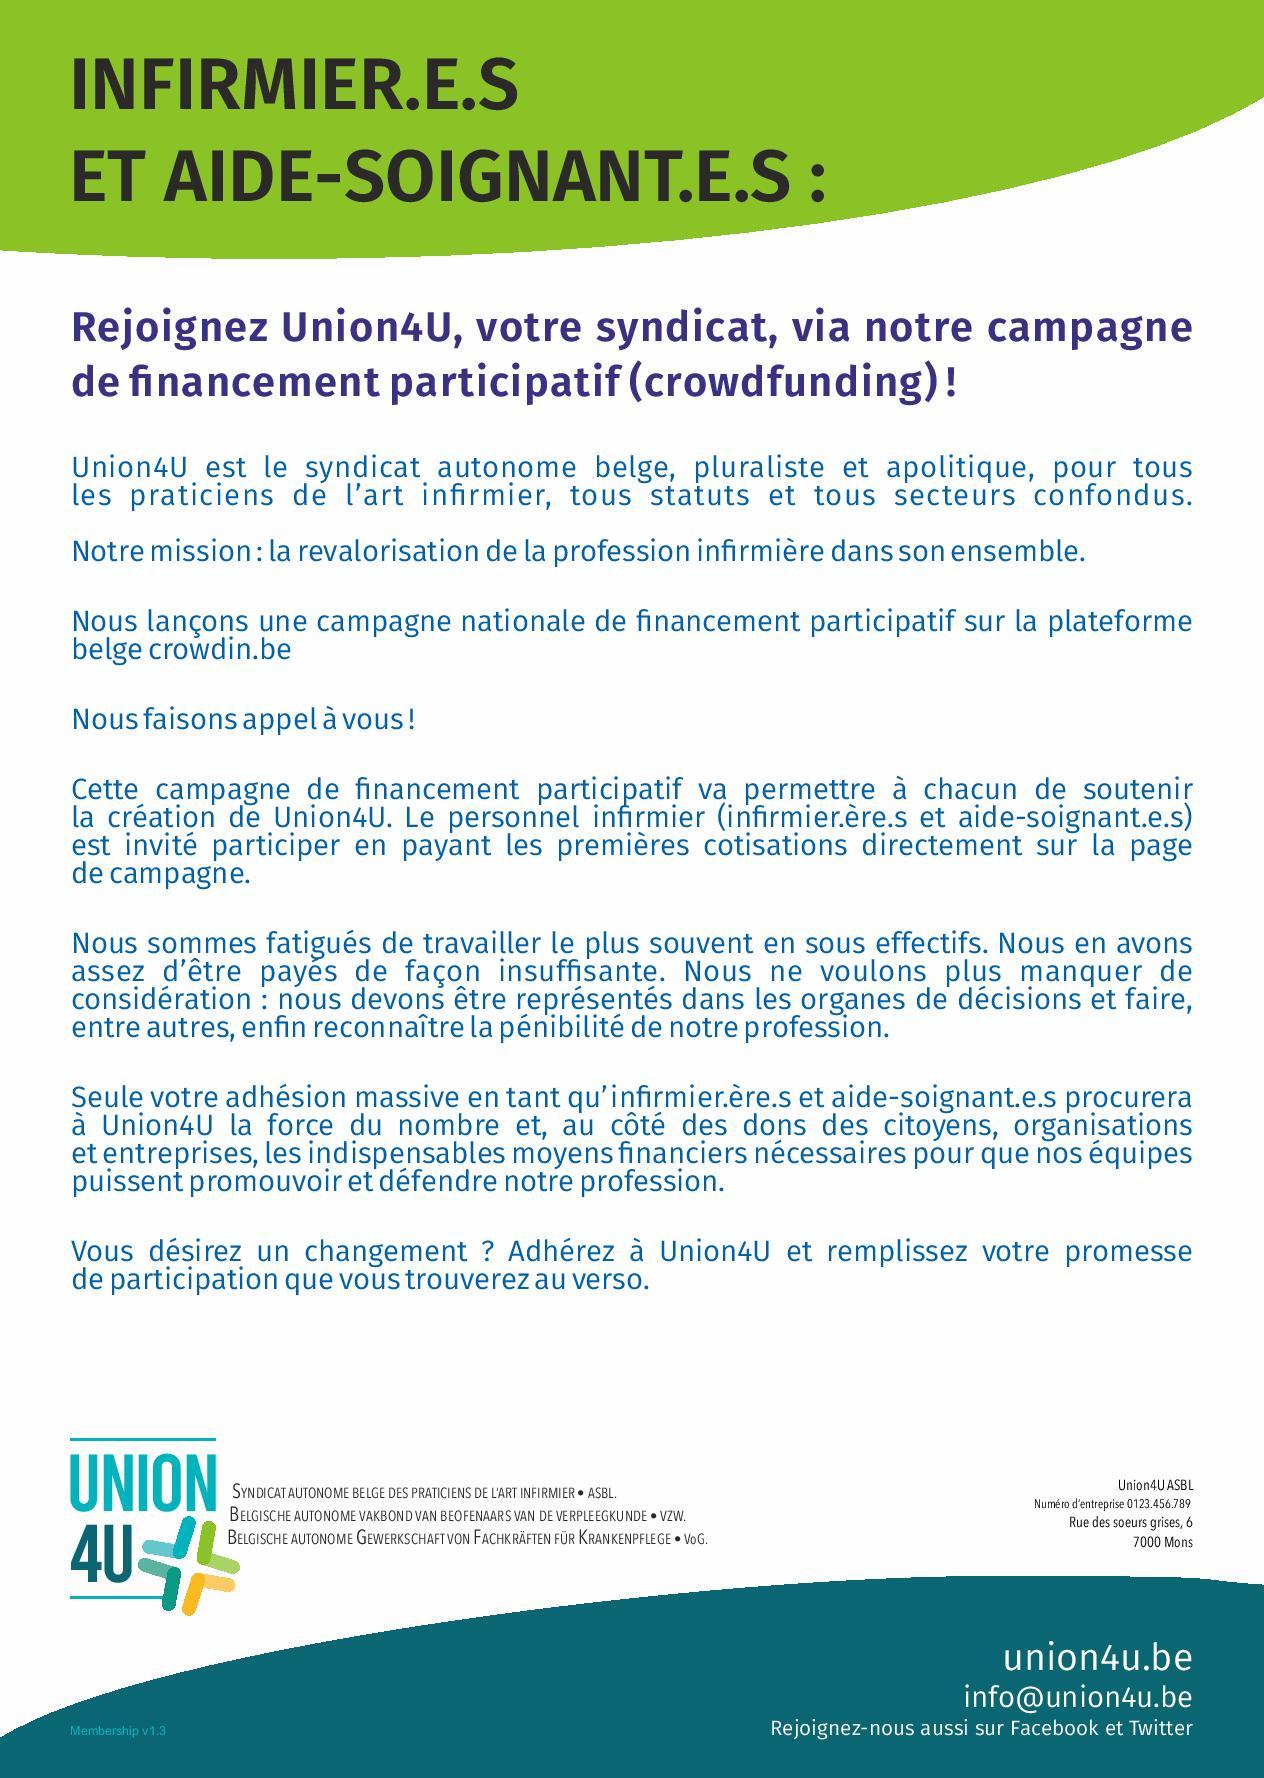 Rejoignez Union4U, votre syndicat, via notre campagne de financement participatif (crowdfunding) !